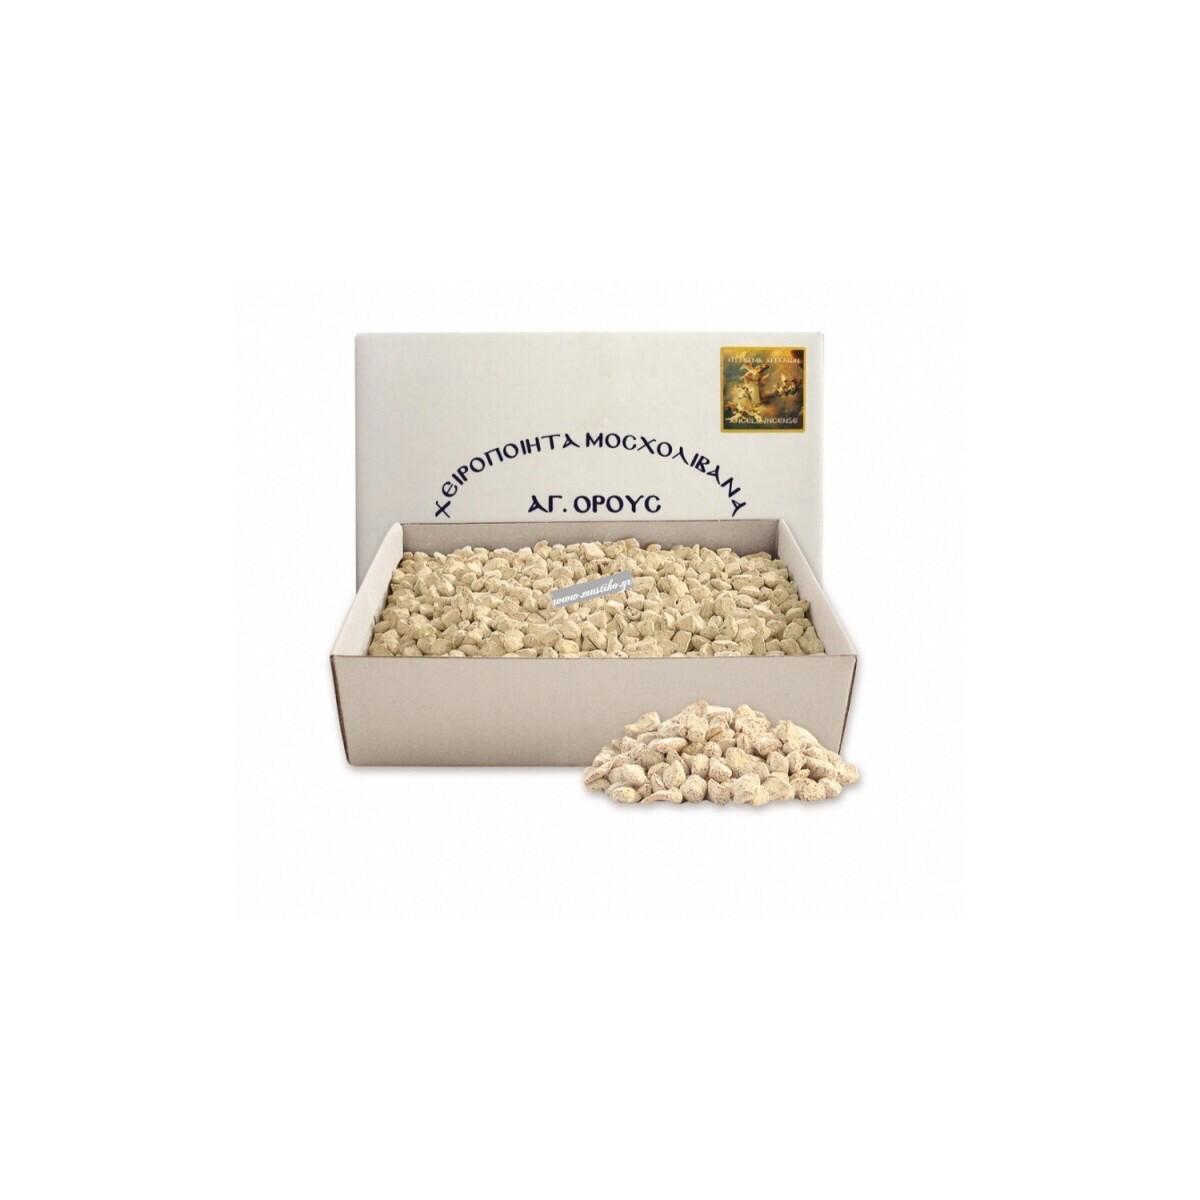 Μοσχολίβανο κασετίνα - Θυμίαμα Αγγέλων 50gr